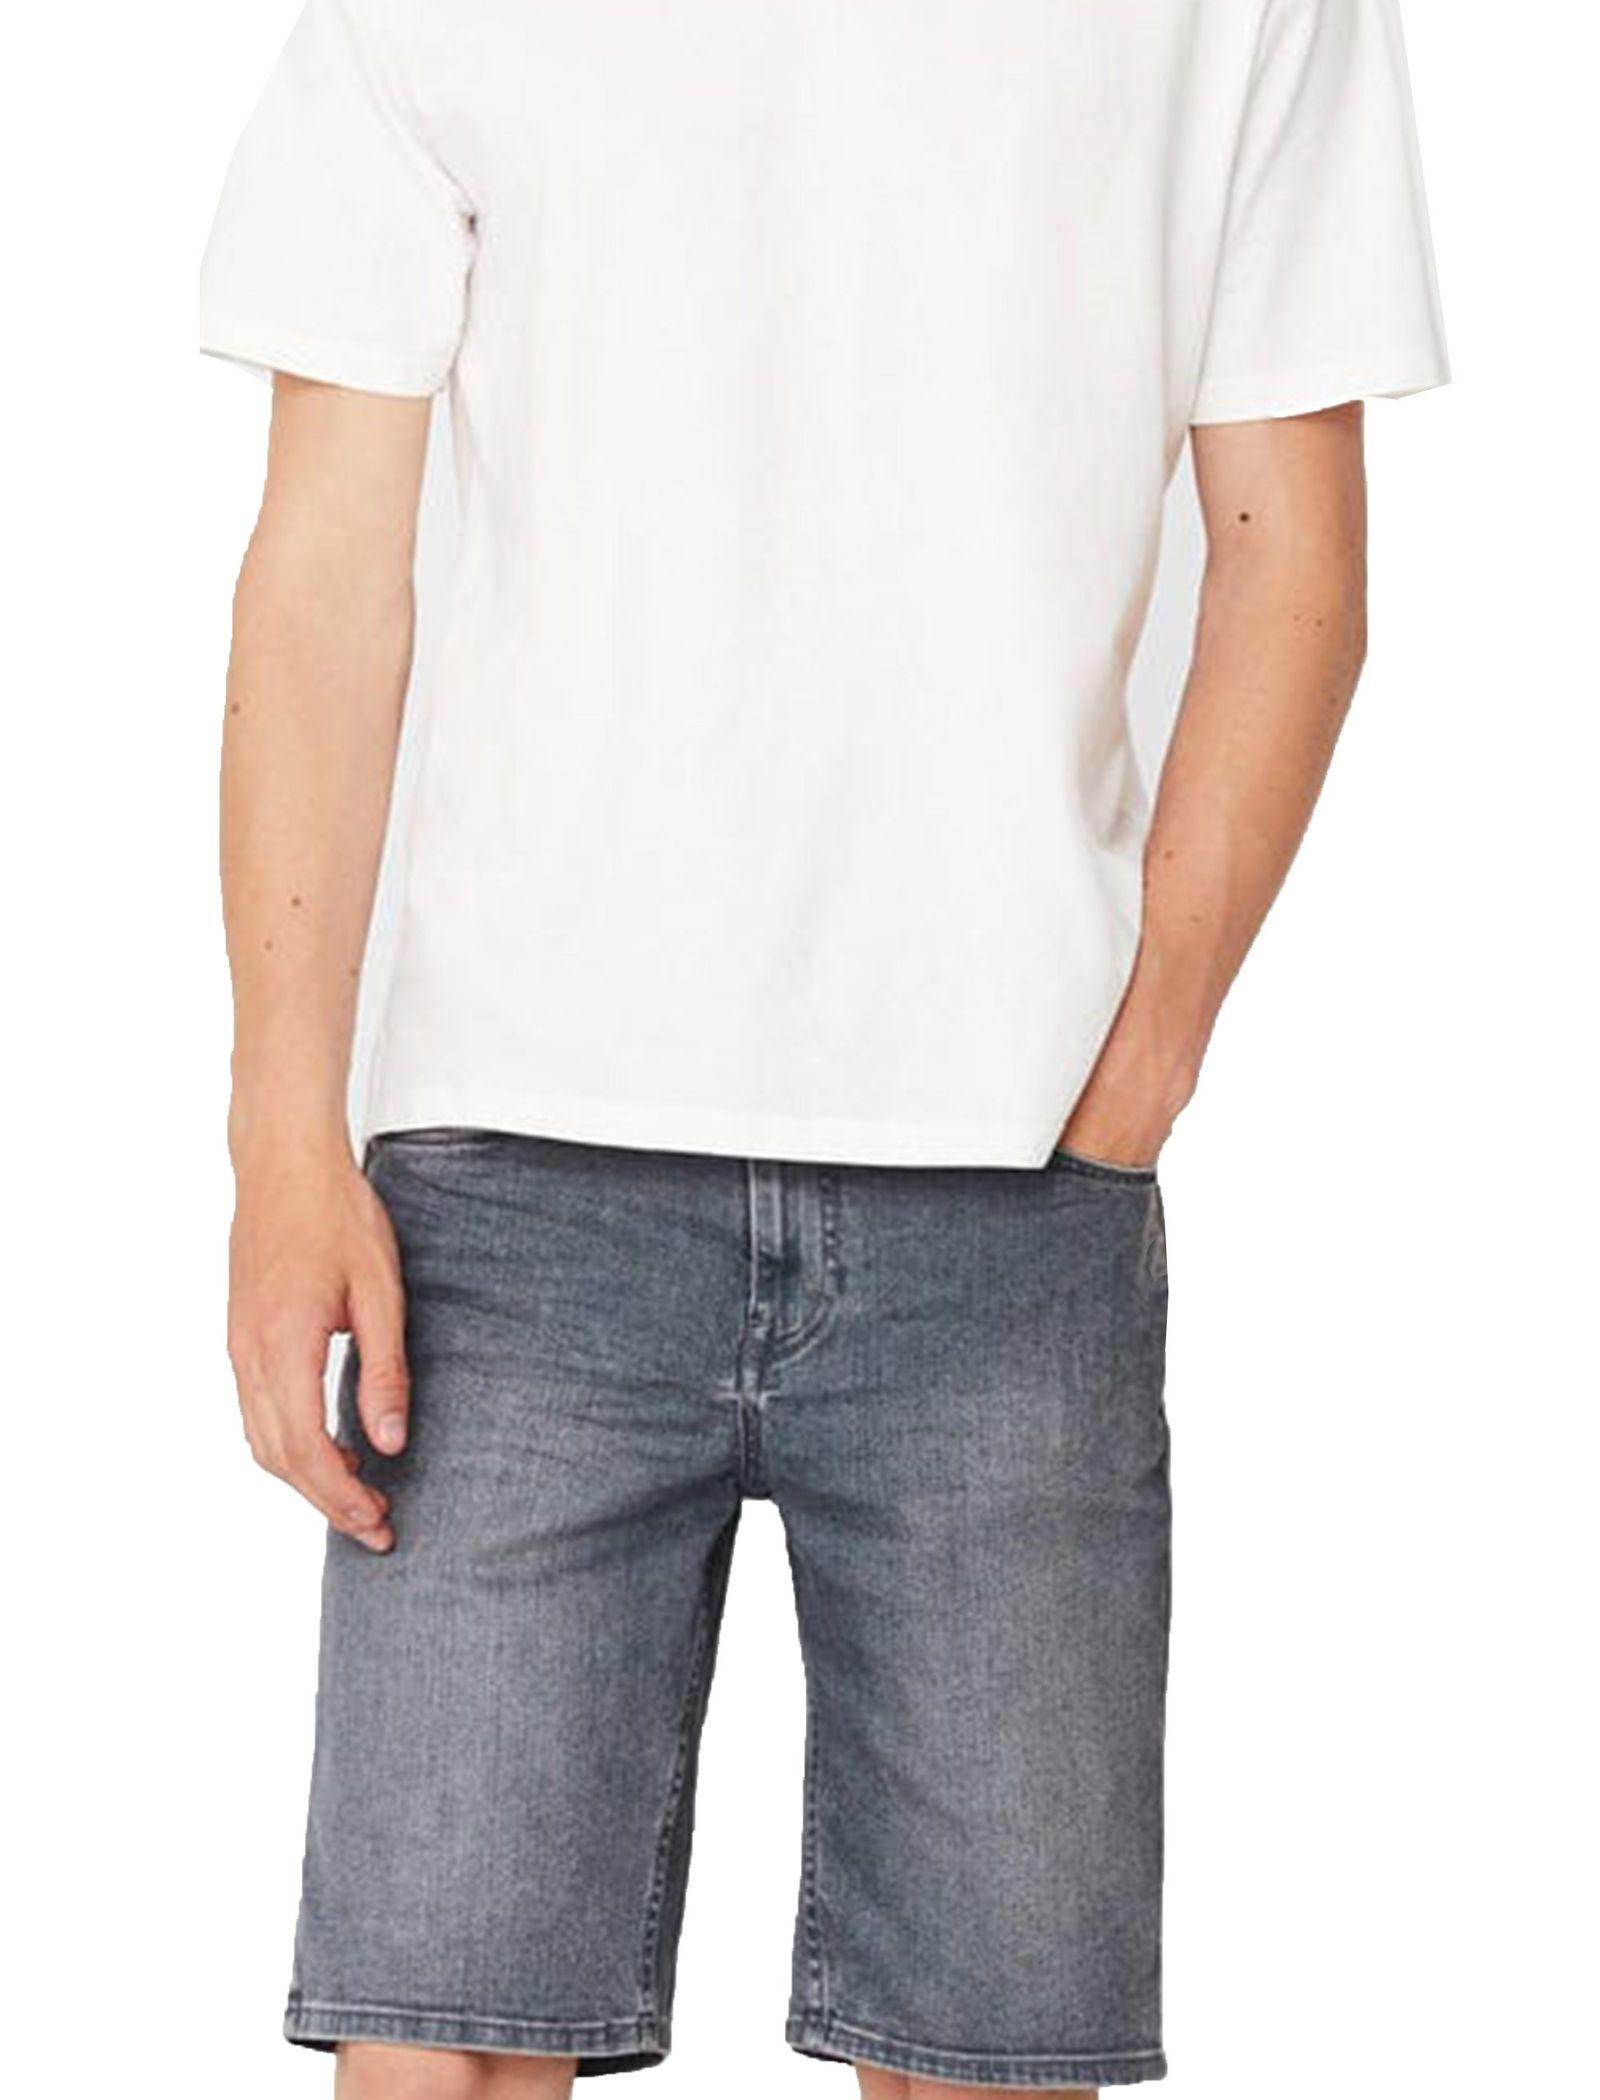 شلوارک جین مردانه - مانگو - طوسي - 1